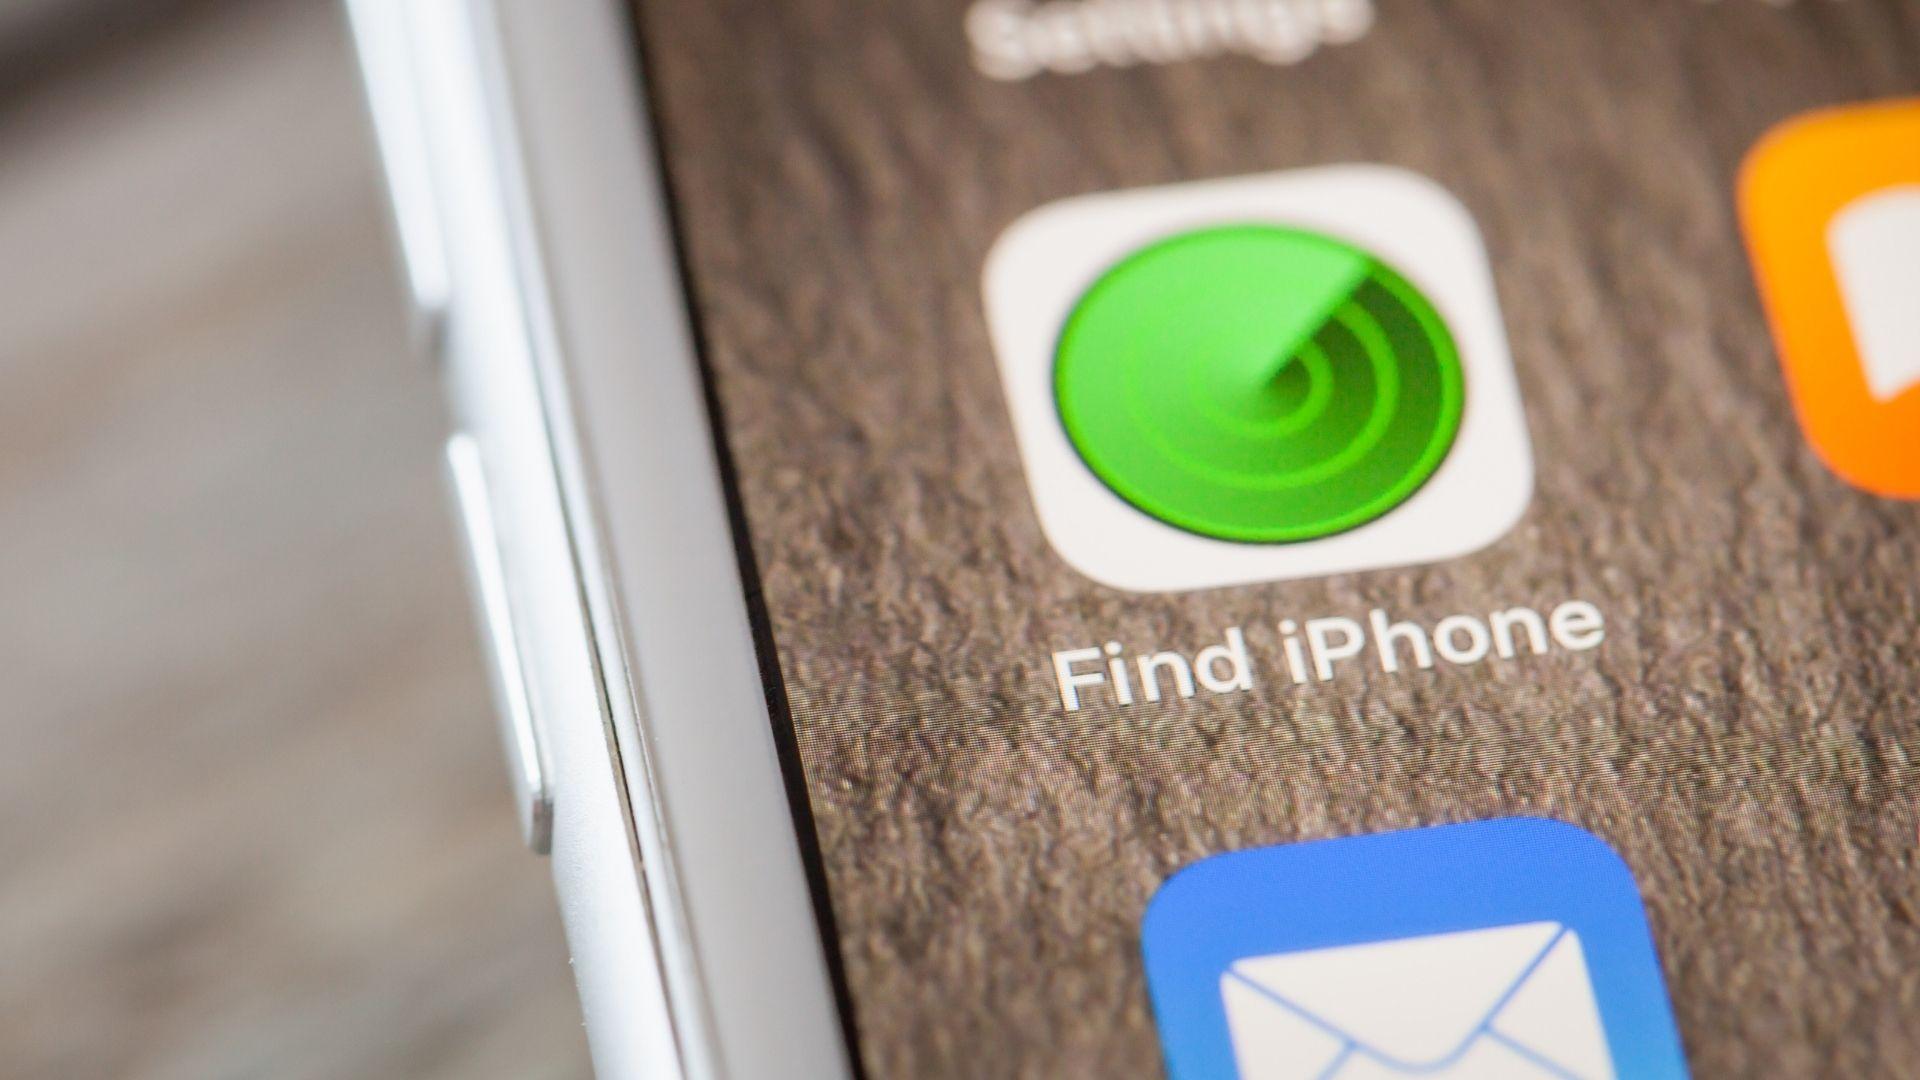 Saiba aqui como rastrear iPhone pelo aplicativo e computador (MichaelJayBerlin / Shutterstock.com)